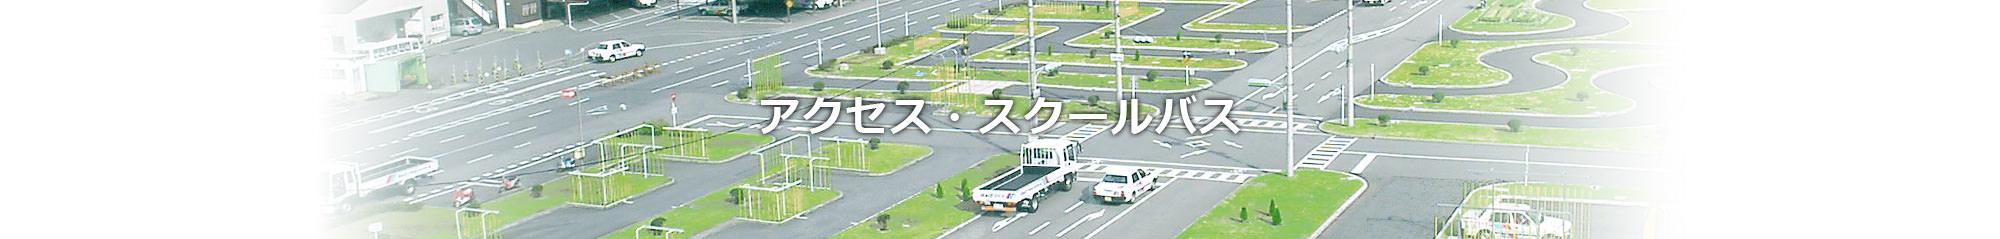 アクセス・スクールバス